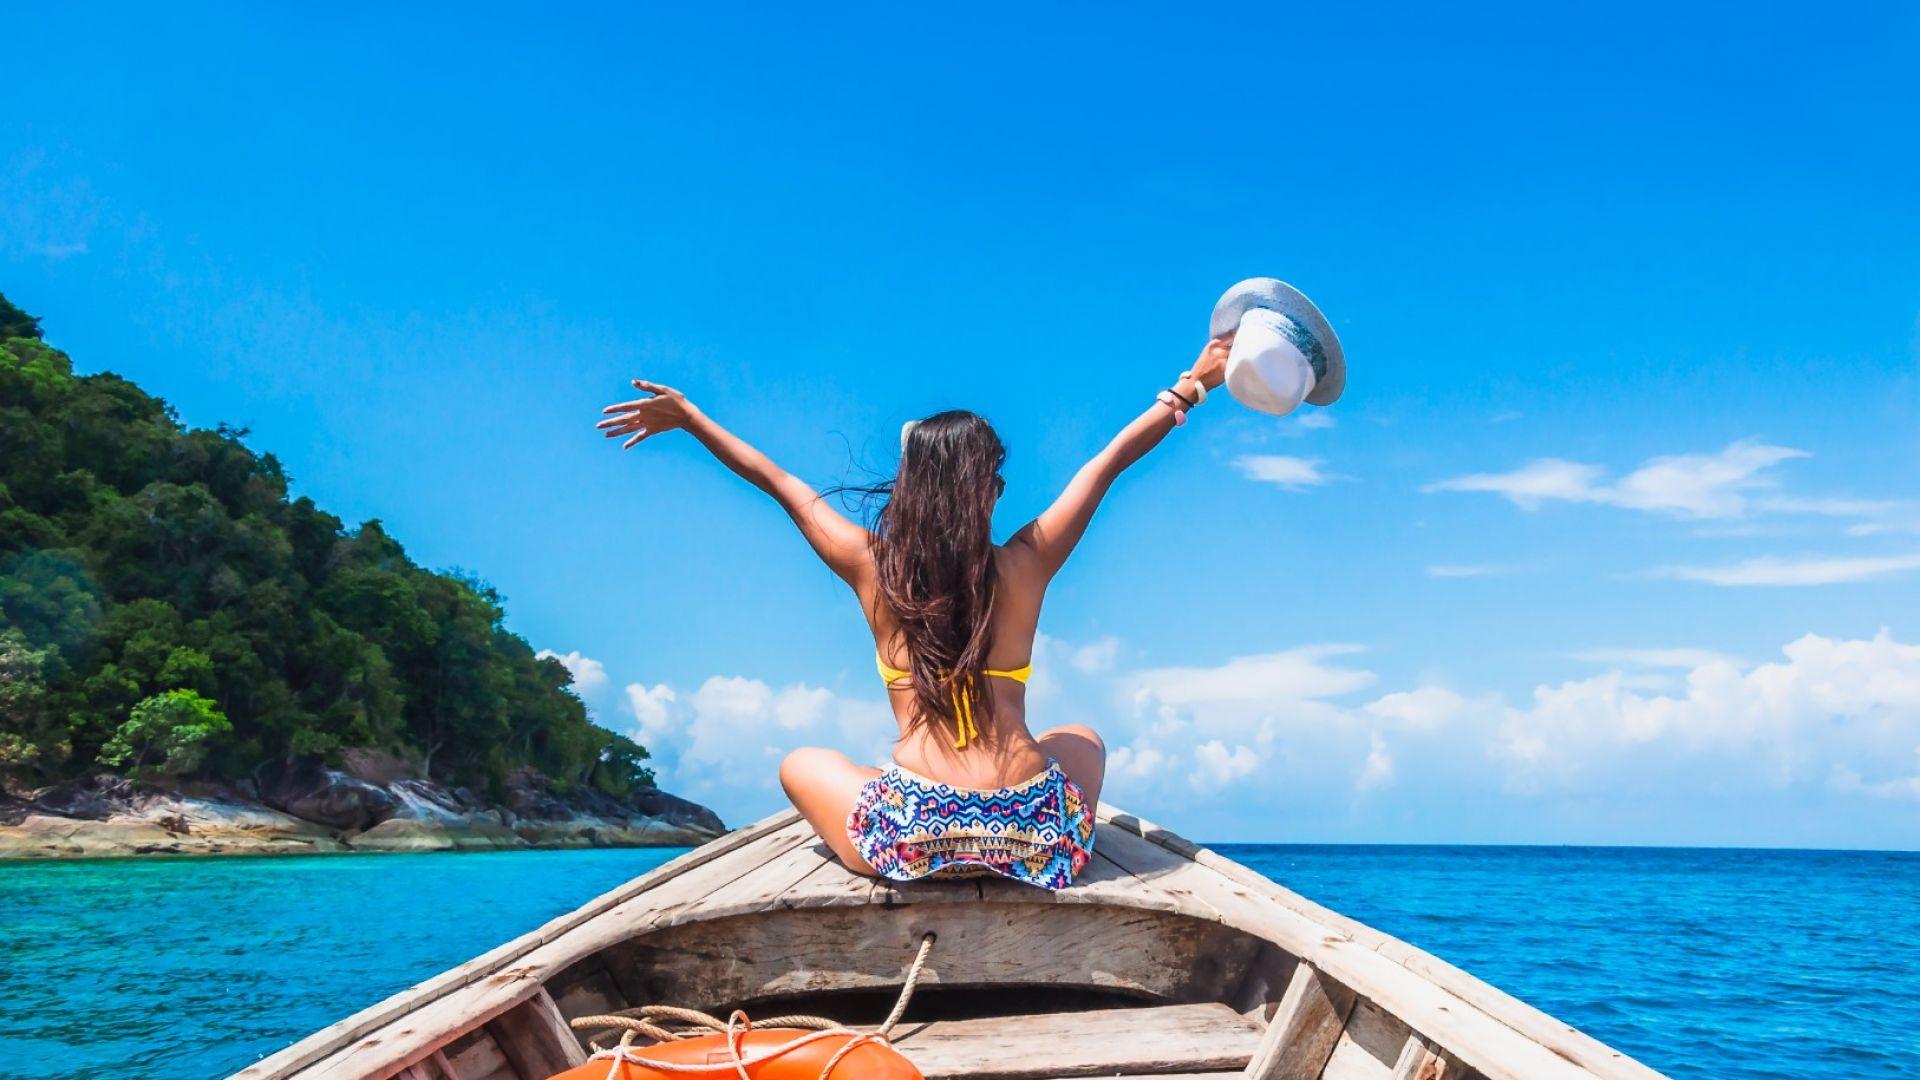 Идеалната отпуска е между 8 и 11 дни